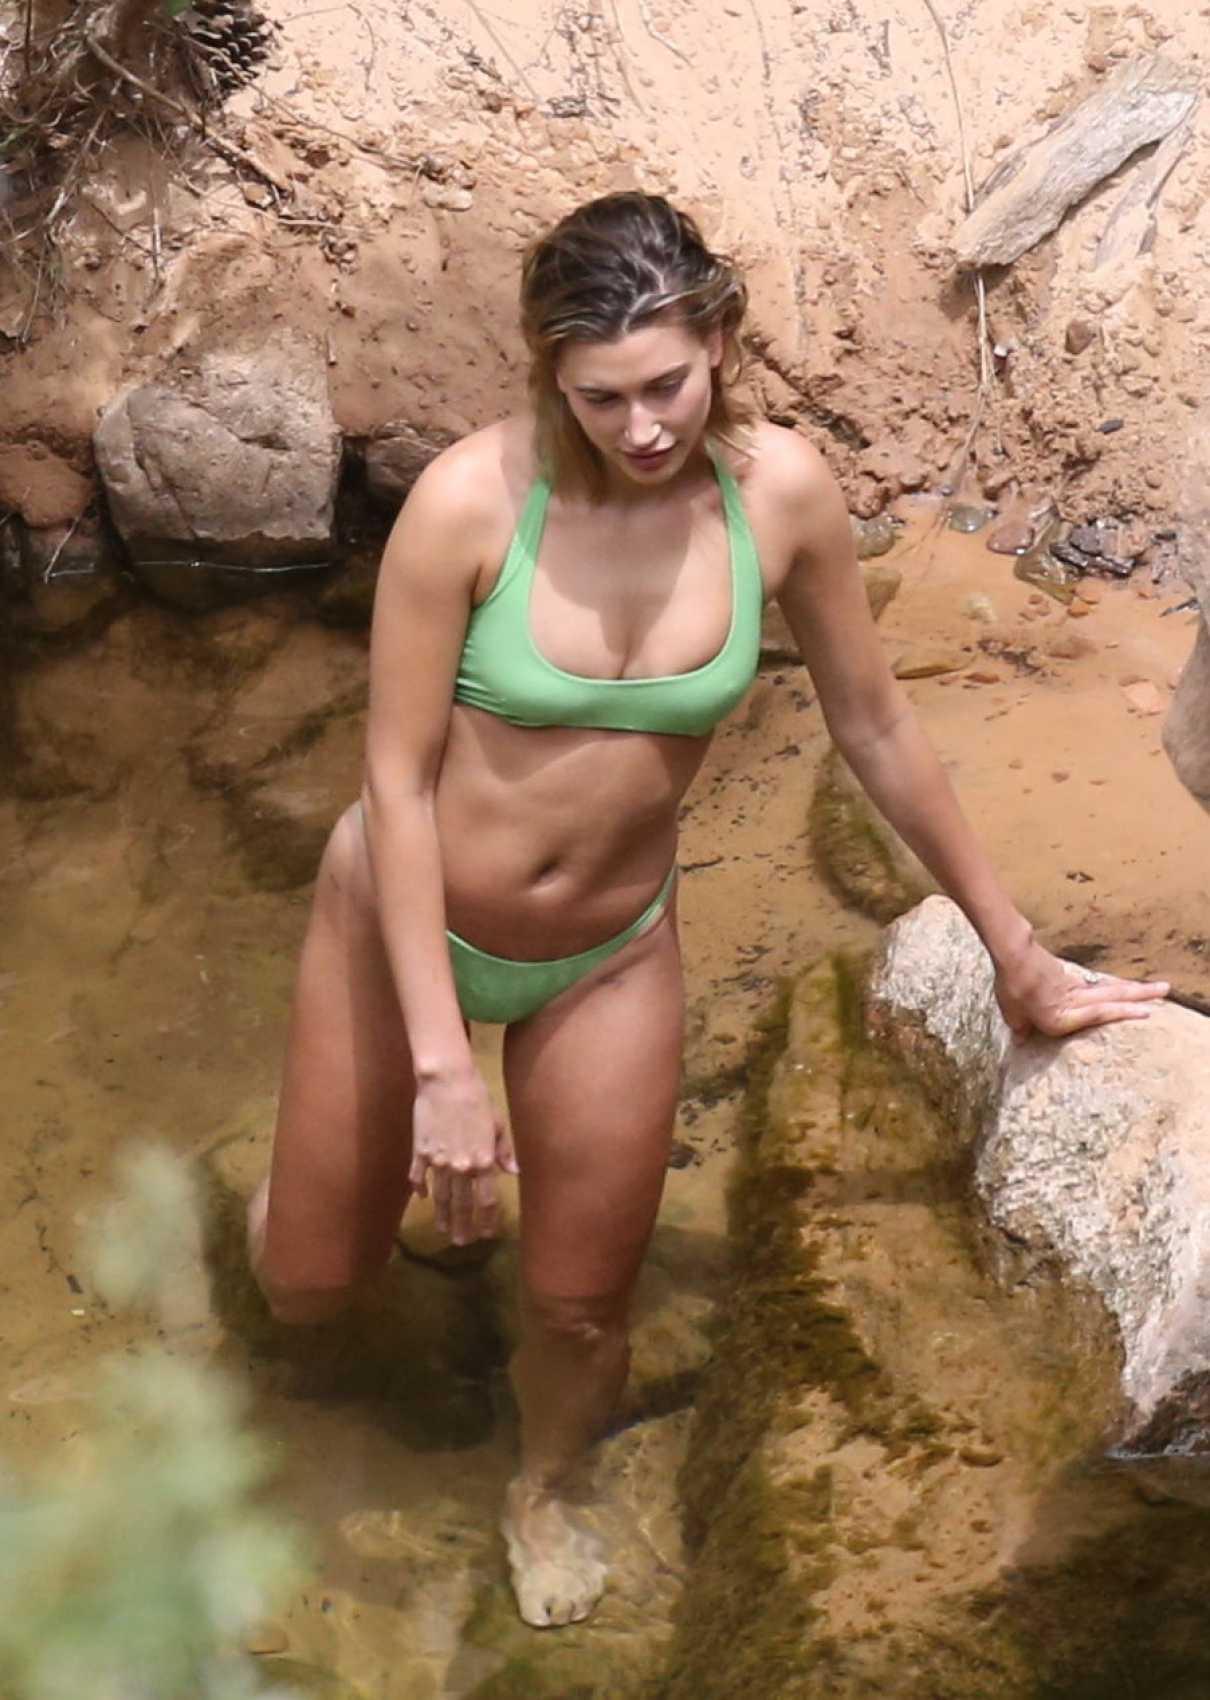 Hailey Bieber in a Green Bikini